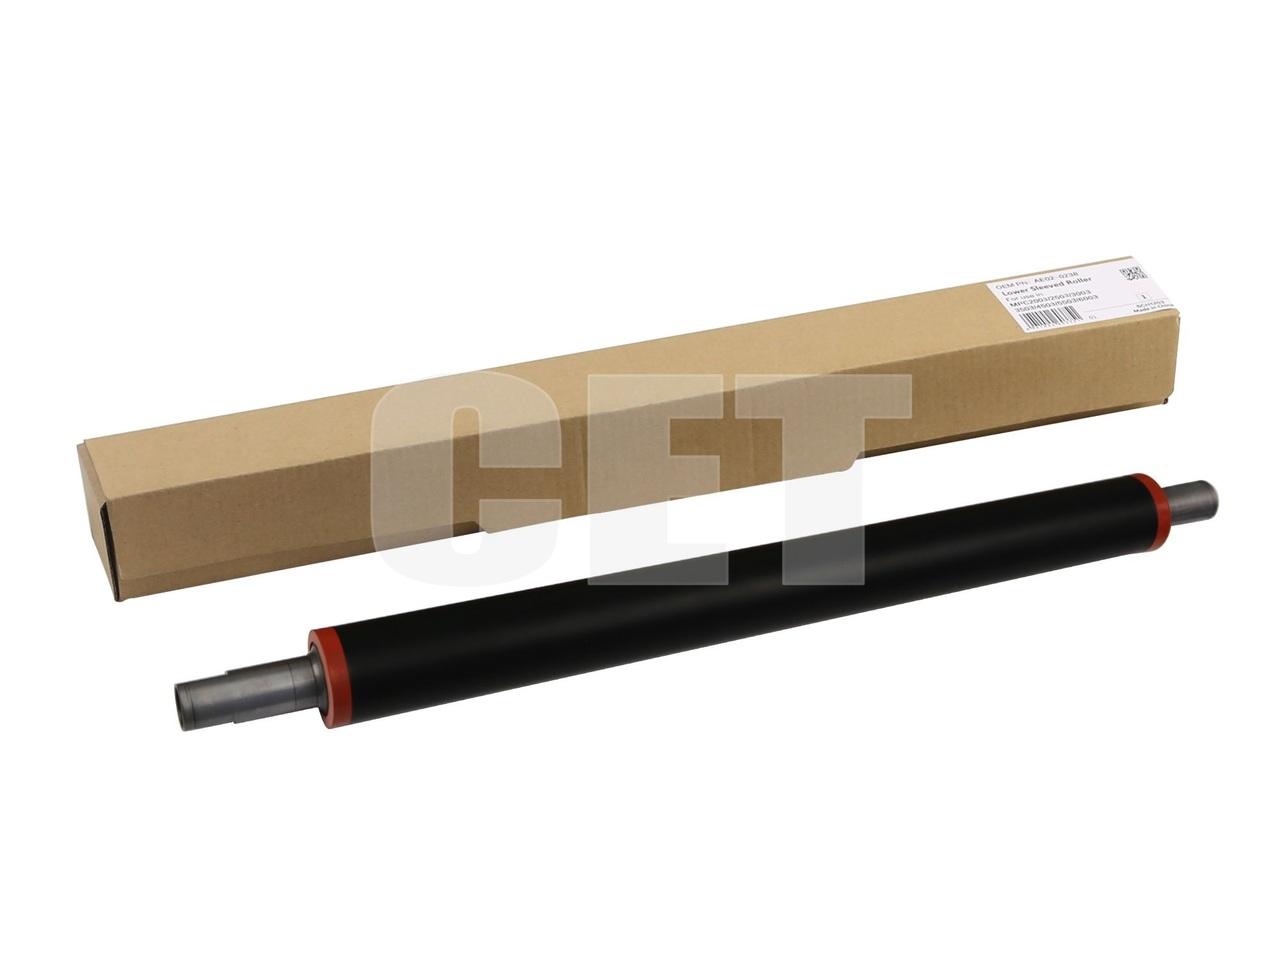 Прижимной вал AE02-0247, AE02-0223 для RICOHMPC4503/5503/6003/3003/3503/2003/2503 (CET), CET211014